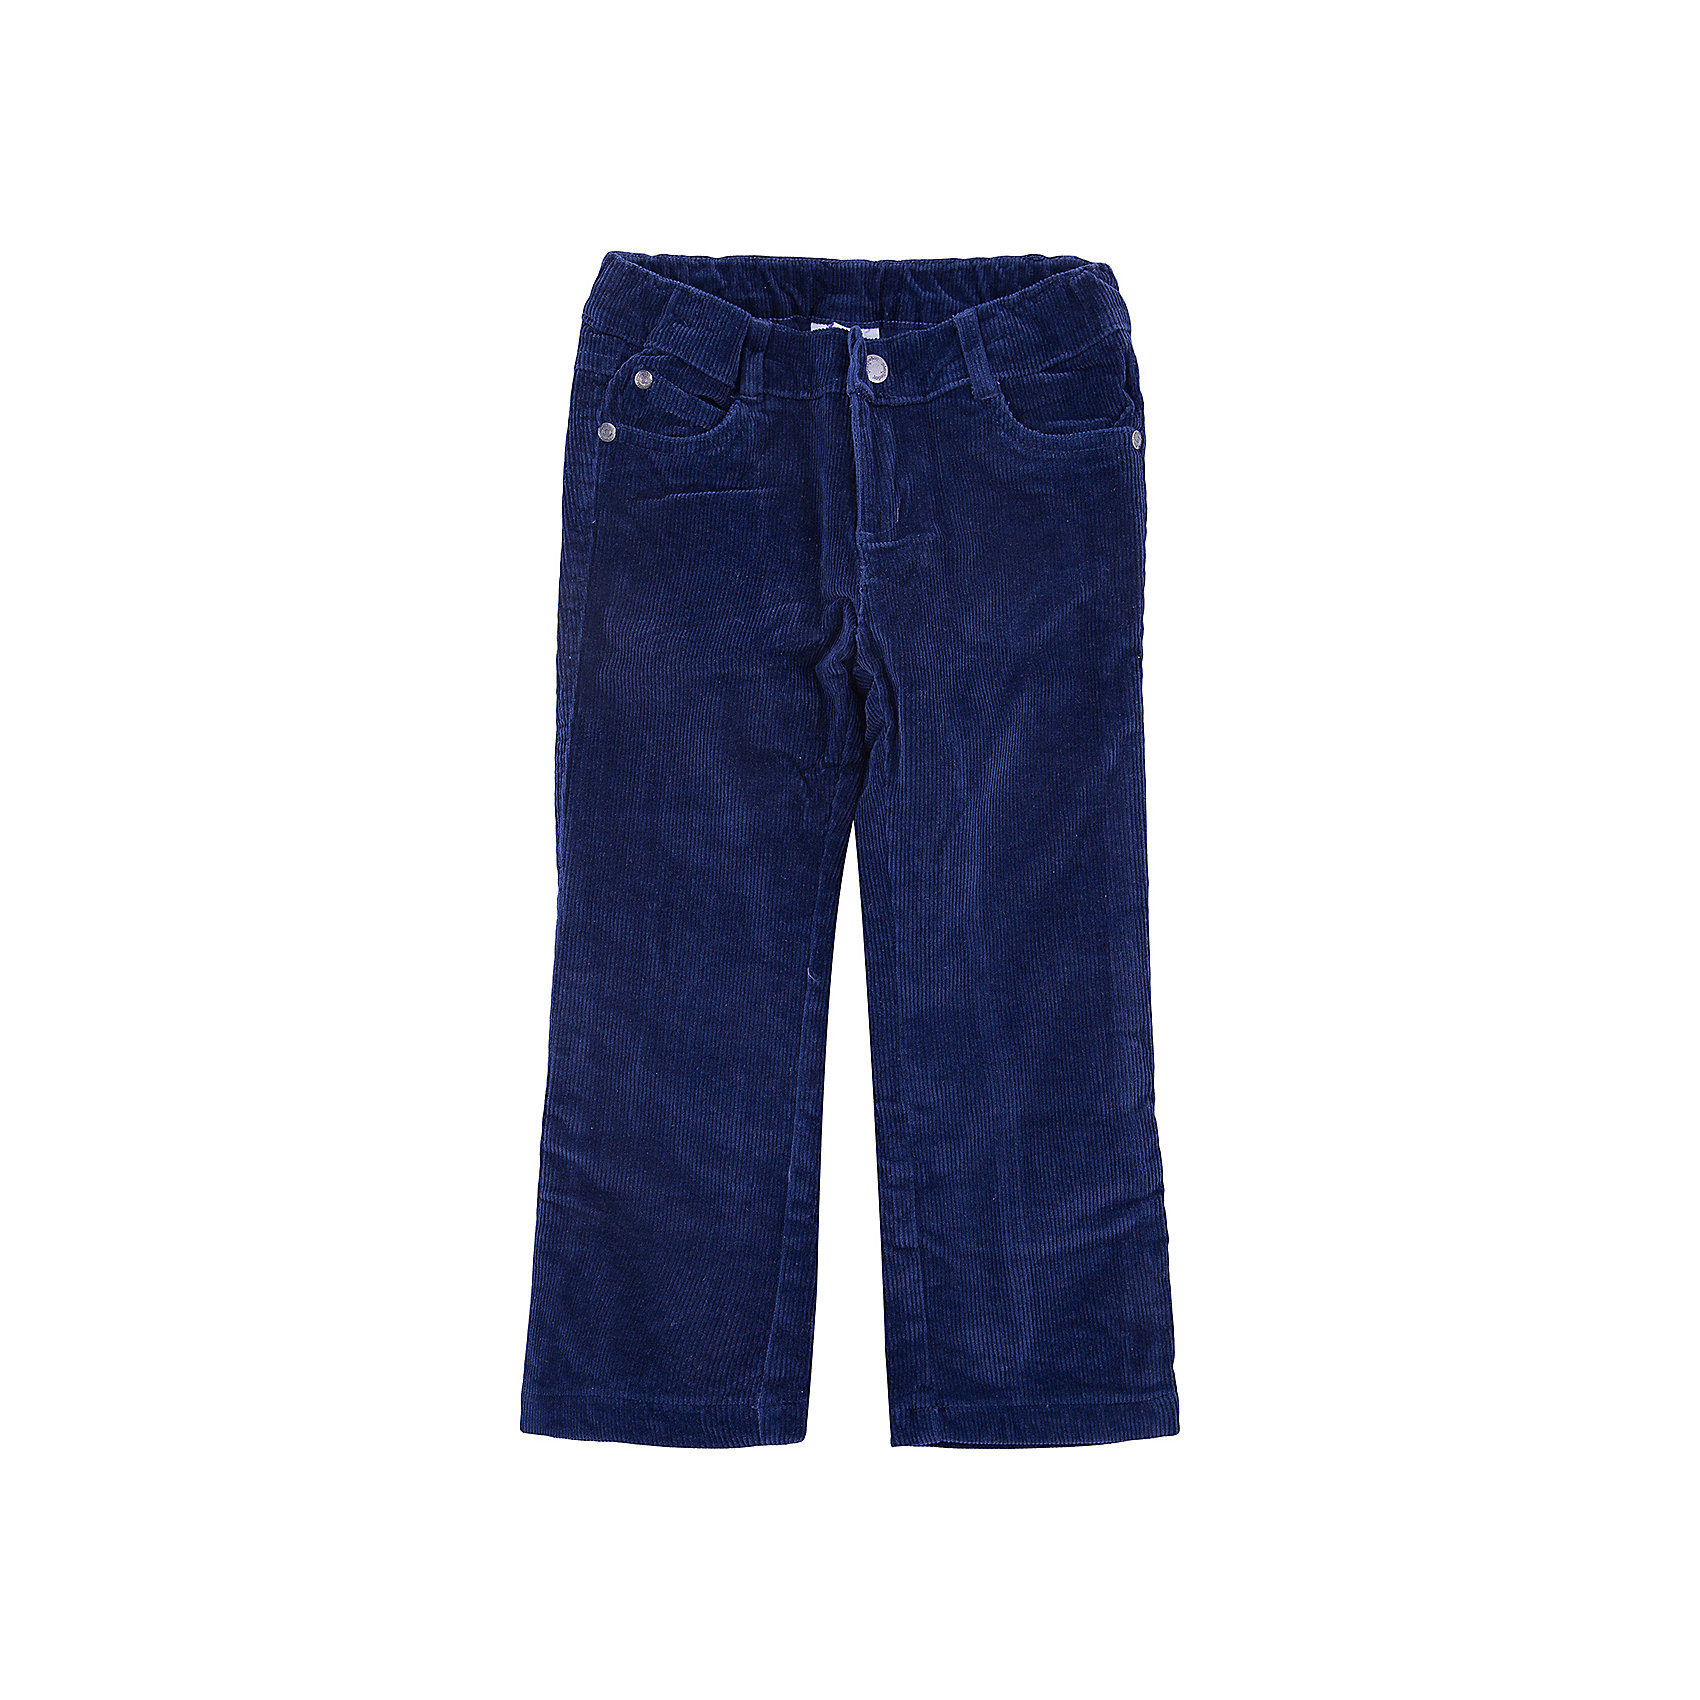 Брюки для мальчика PlayTodayБрюки<br>Брюки для мальчика от известного бренда PlayToday.<br>Уютные вельветовые брюки темно-синего цвета. Классическая пятикарманка. Застегиваются на молнию и кнопку, пояс на резинке. Внутри мягкая хлопковая подкладка.<br>Состав:<br>Верх: 98% хлопок, 2% эластан, подкладка: 50% хлопок, 50% полиэстер<br><br>Ширина мм: 215<br>Глубина мм: 88<br>Высота мм: 191<br>Вес г: 336<br>Цвет: синий<br>Возраст от месяцев: 72<br>Возраст до месяцев: 84<br>Пол: Мужской<br>Возраст: Детский<br>Размер: 122,104,128,110,116,98<br>SKU: 4896759